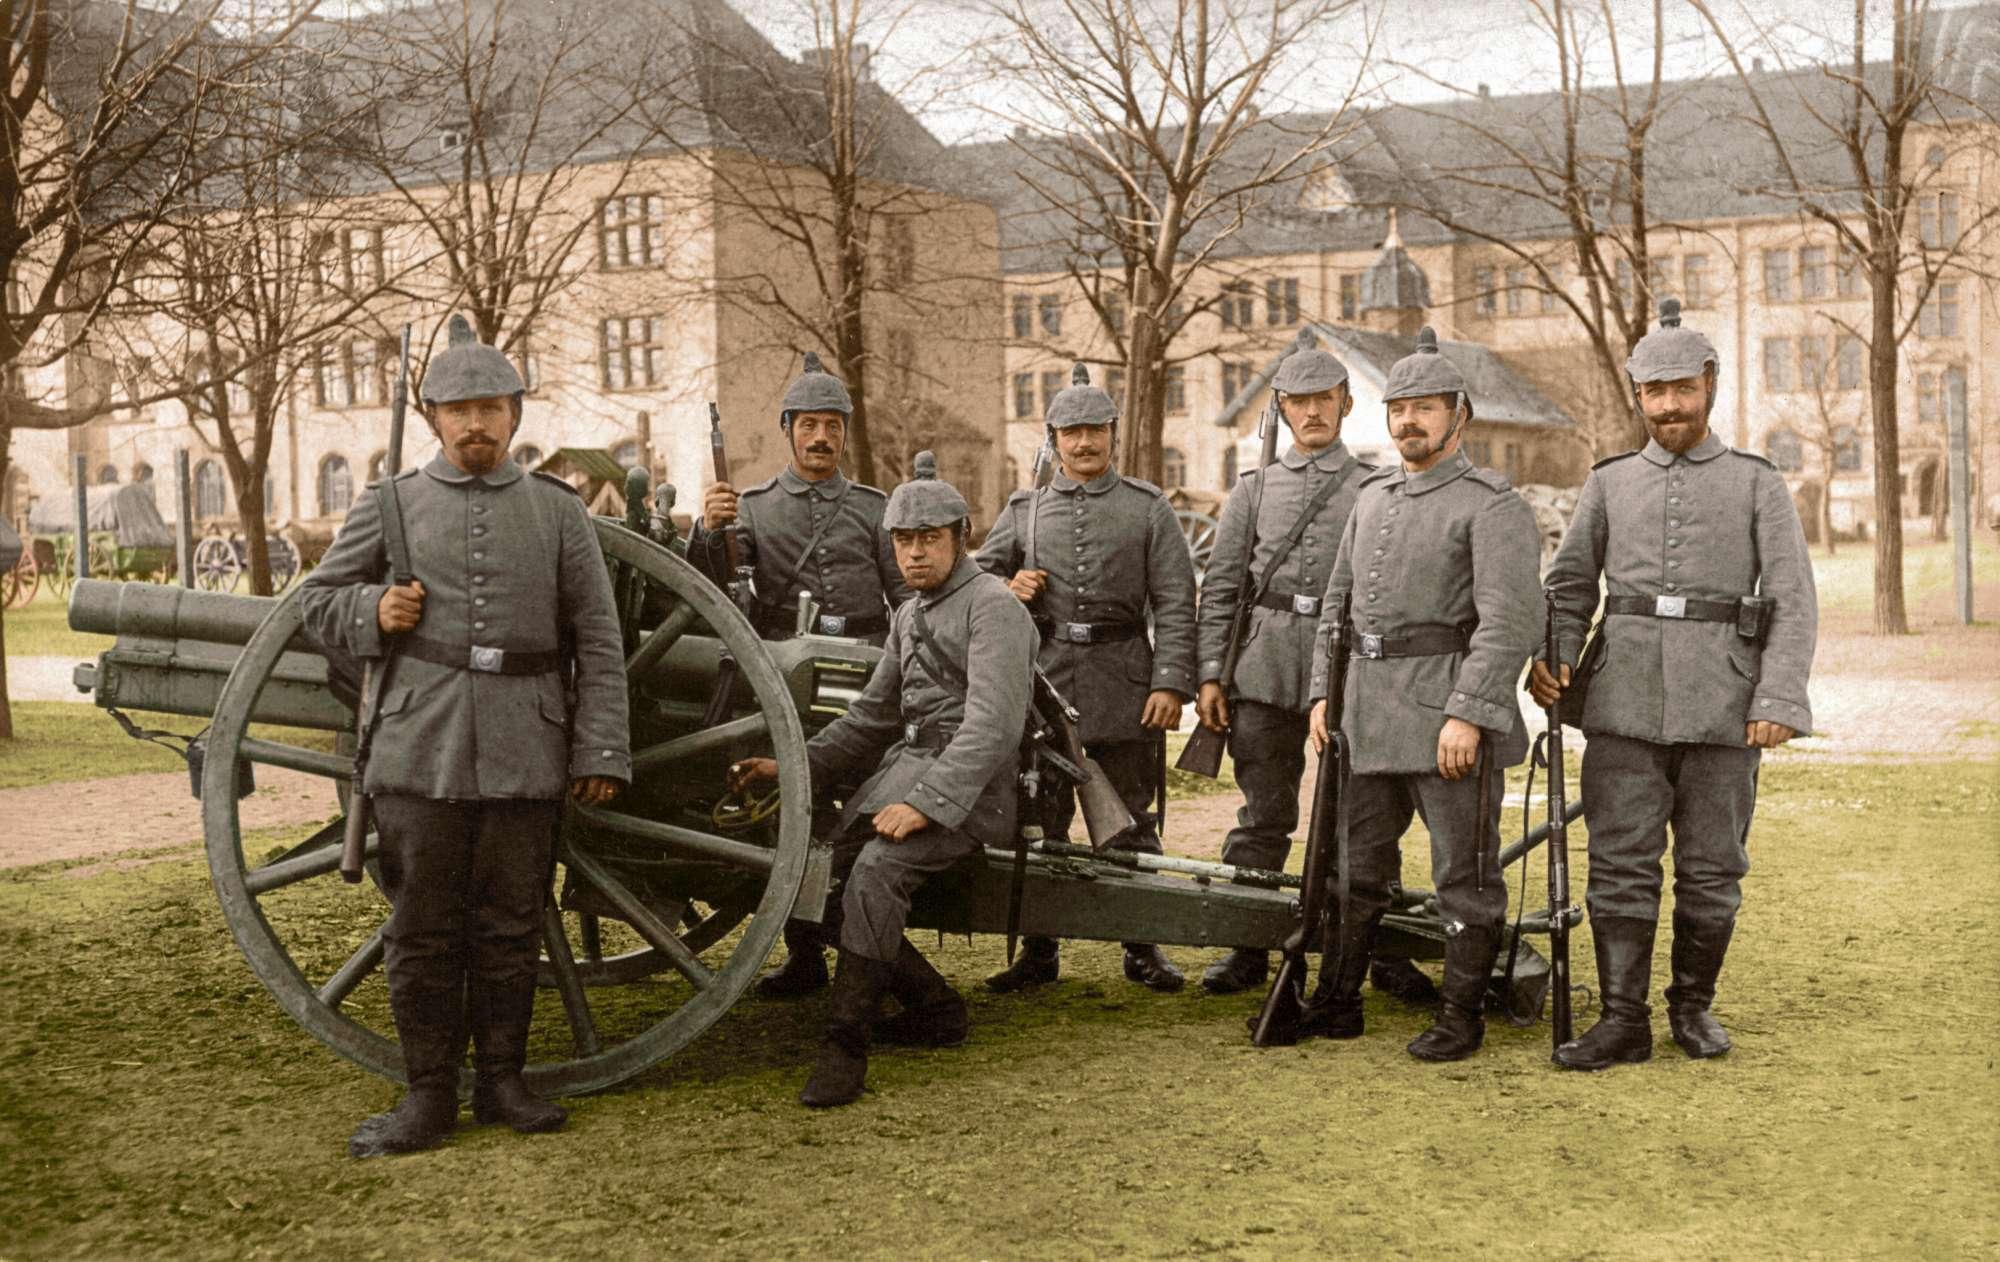 Le eccezionali foto a colori della Grande Guerra